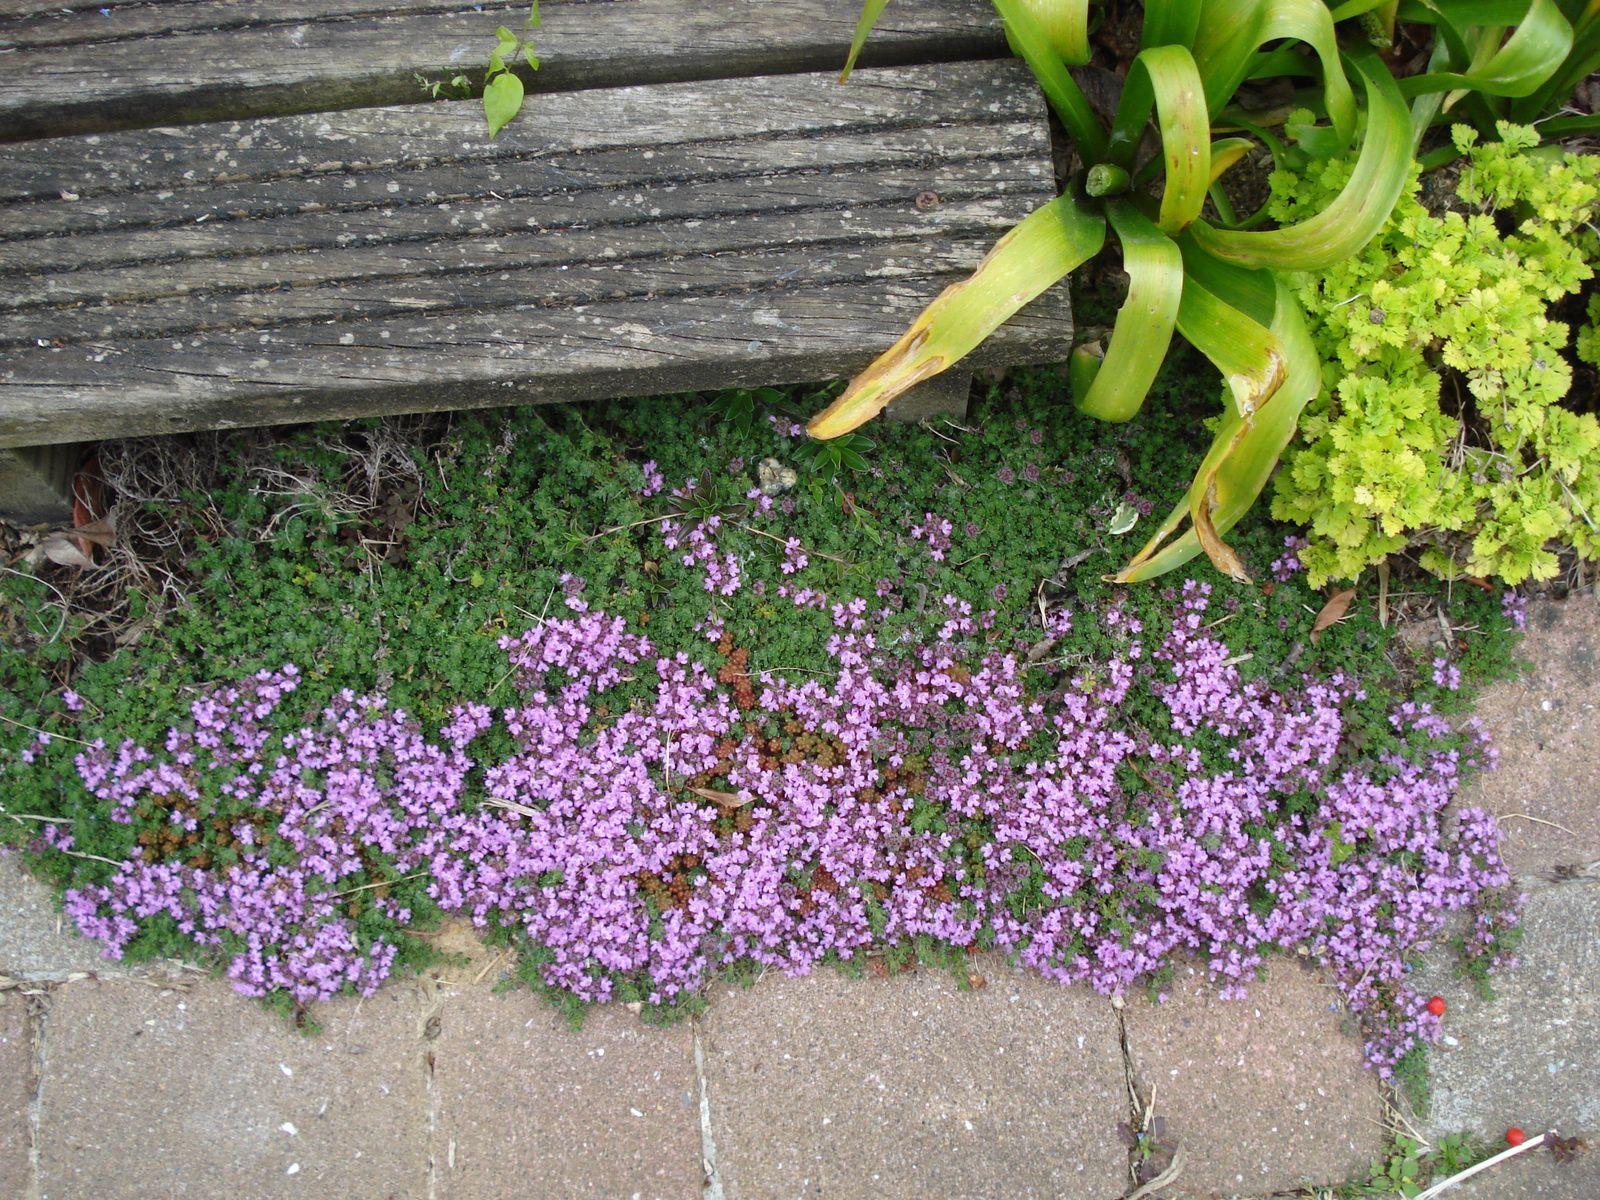 la végétation , le fleurissement  est en retard, par rapport à 2015 !